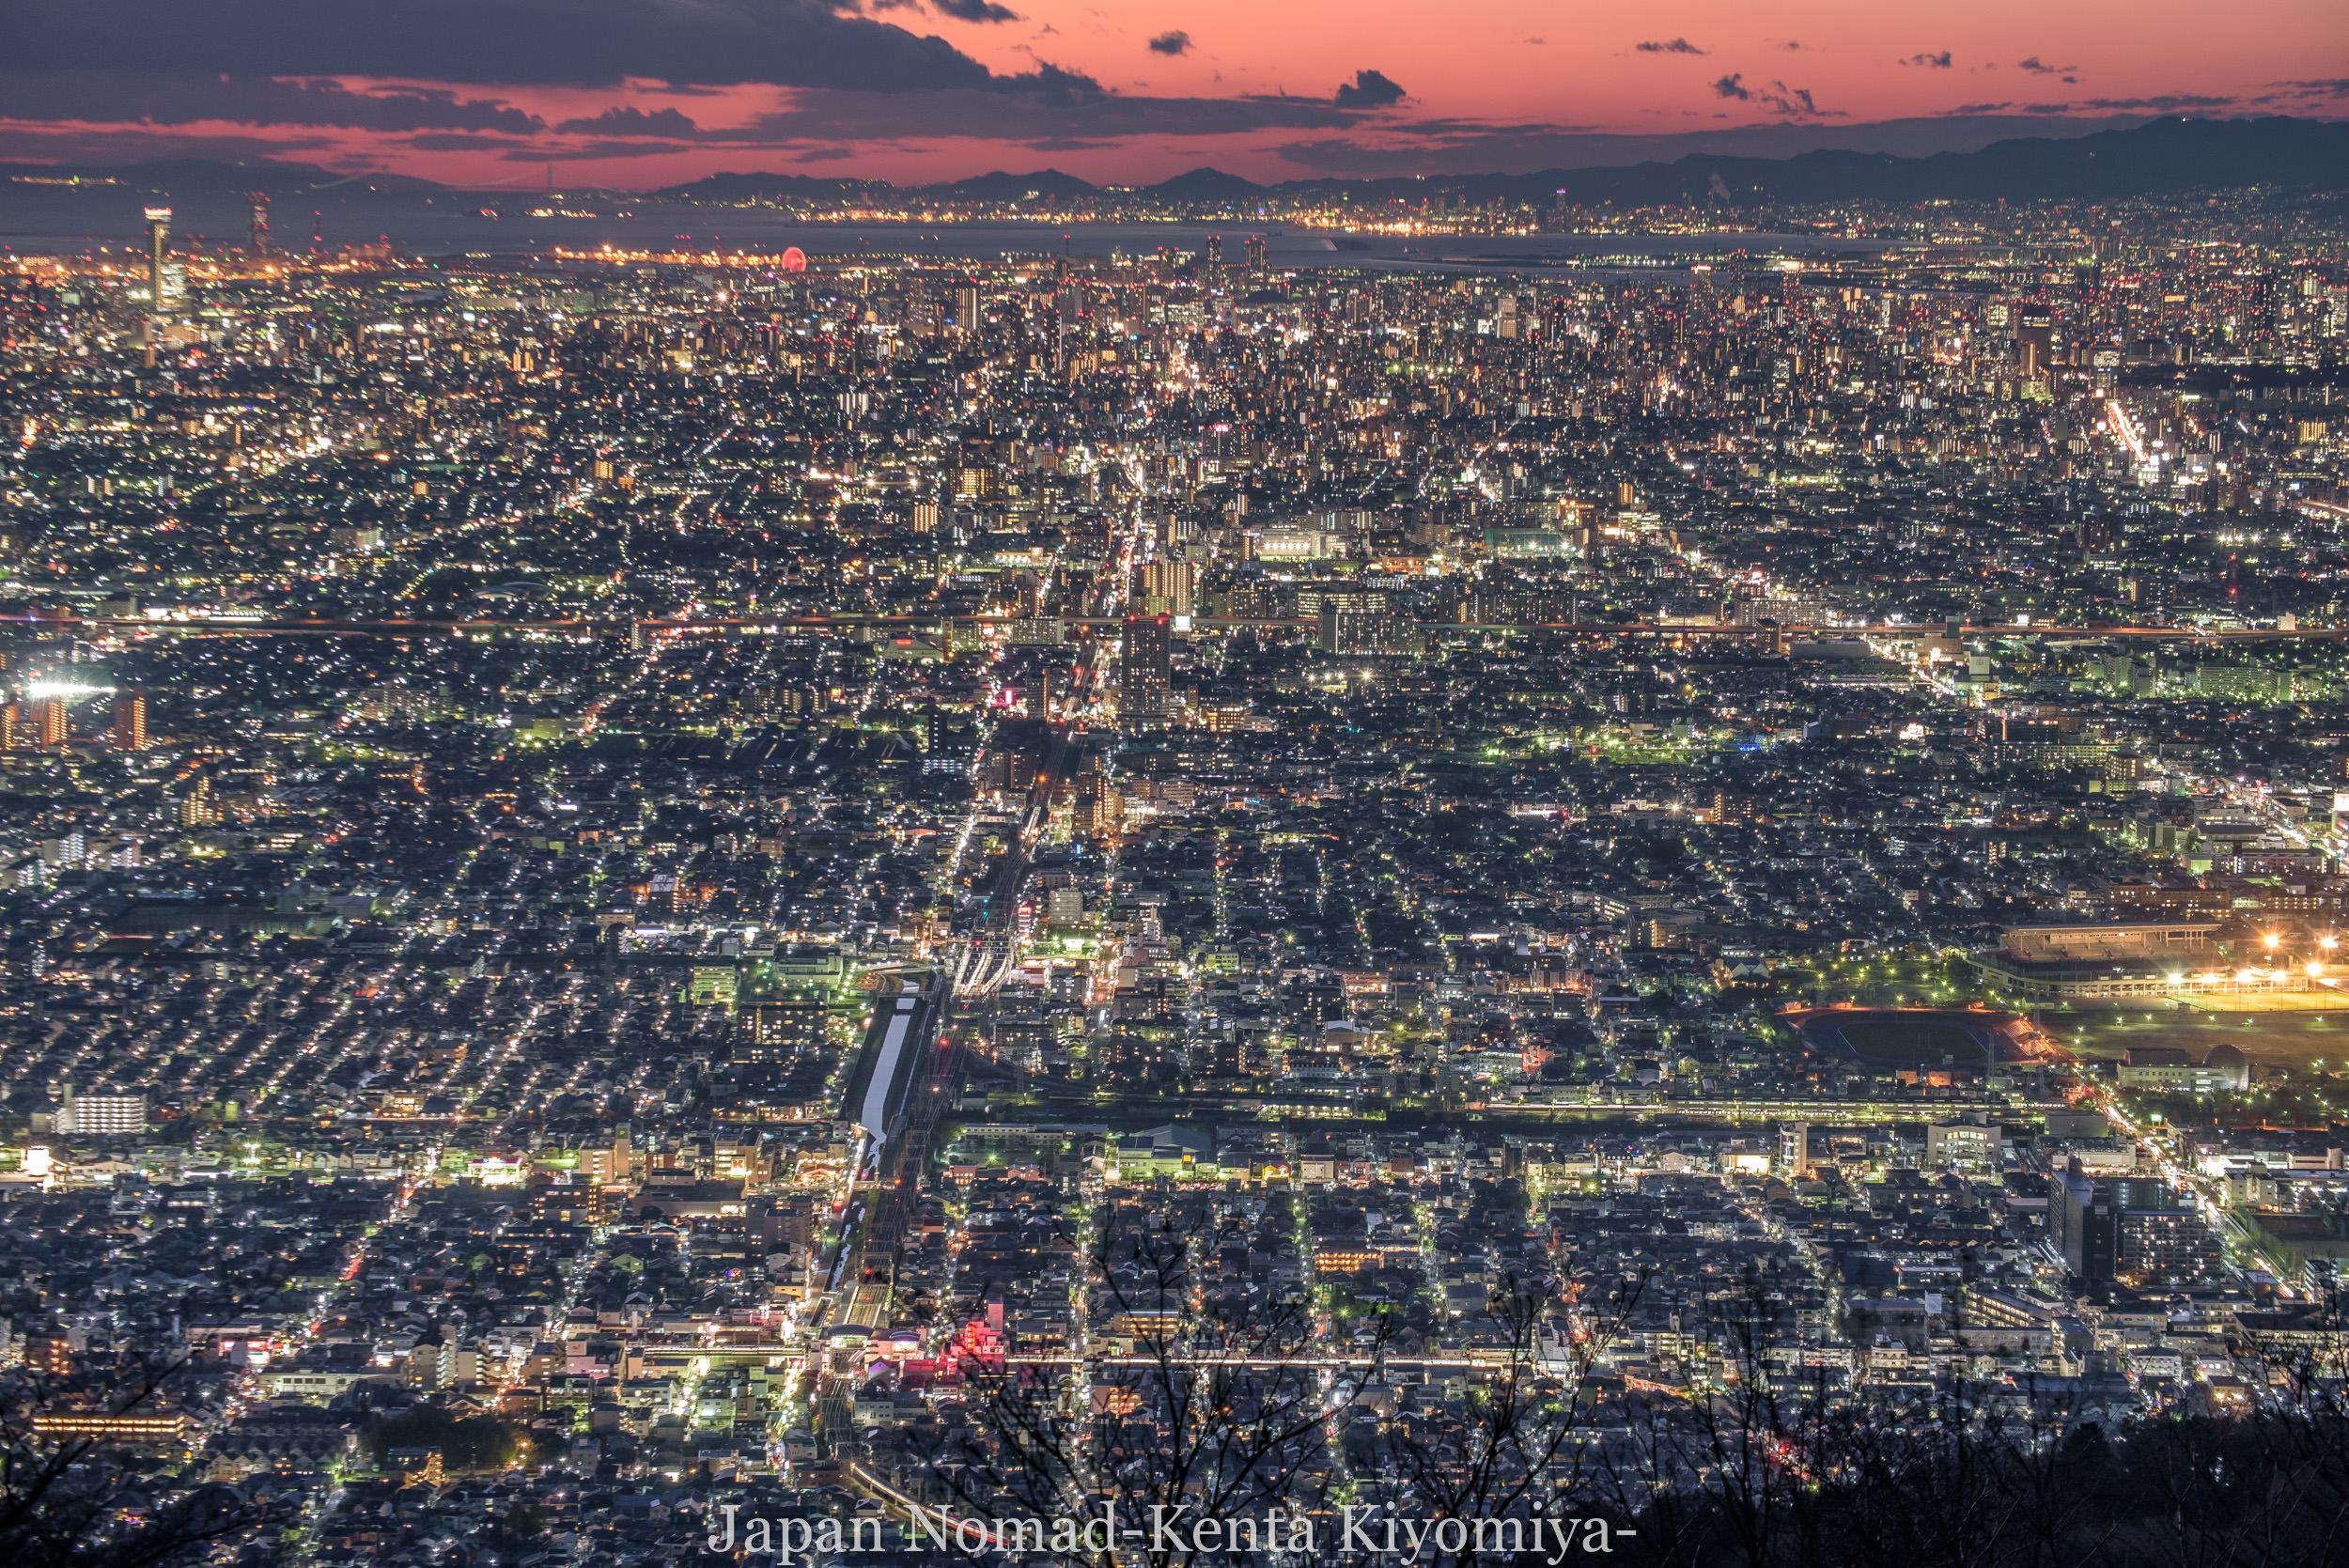 【旅163日目】日本一の夜景はここかも!「ぼくらの広場」から見る大阪の夜景